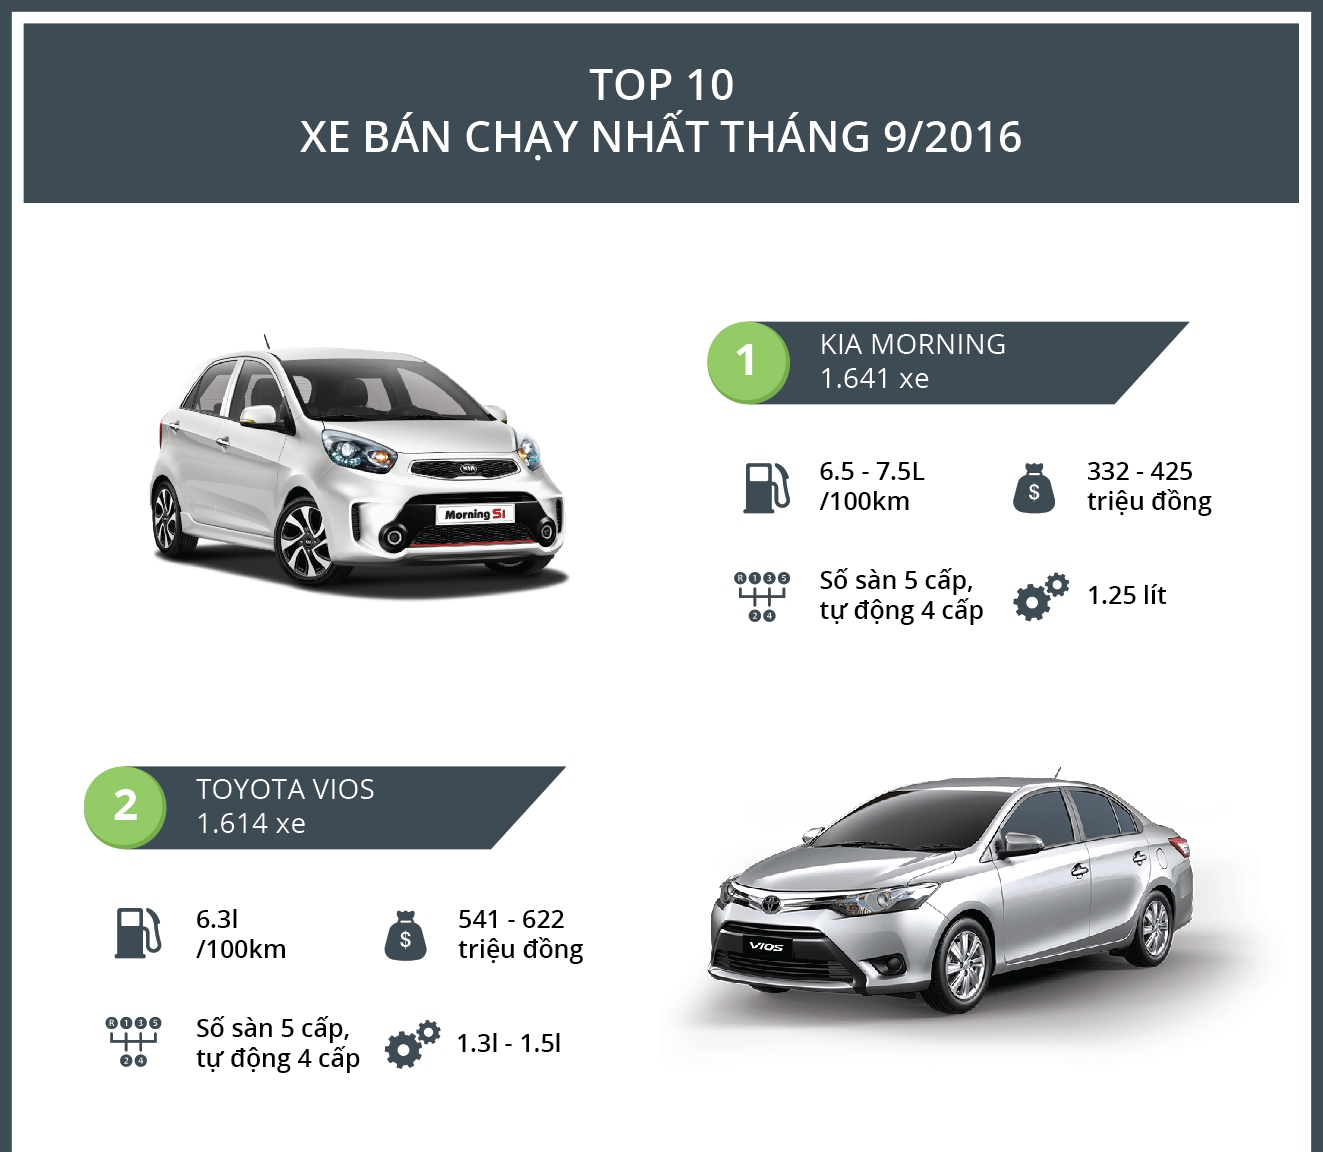 Infographic: Top 10 xe bán chạy nhất tháng 9/2016